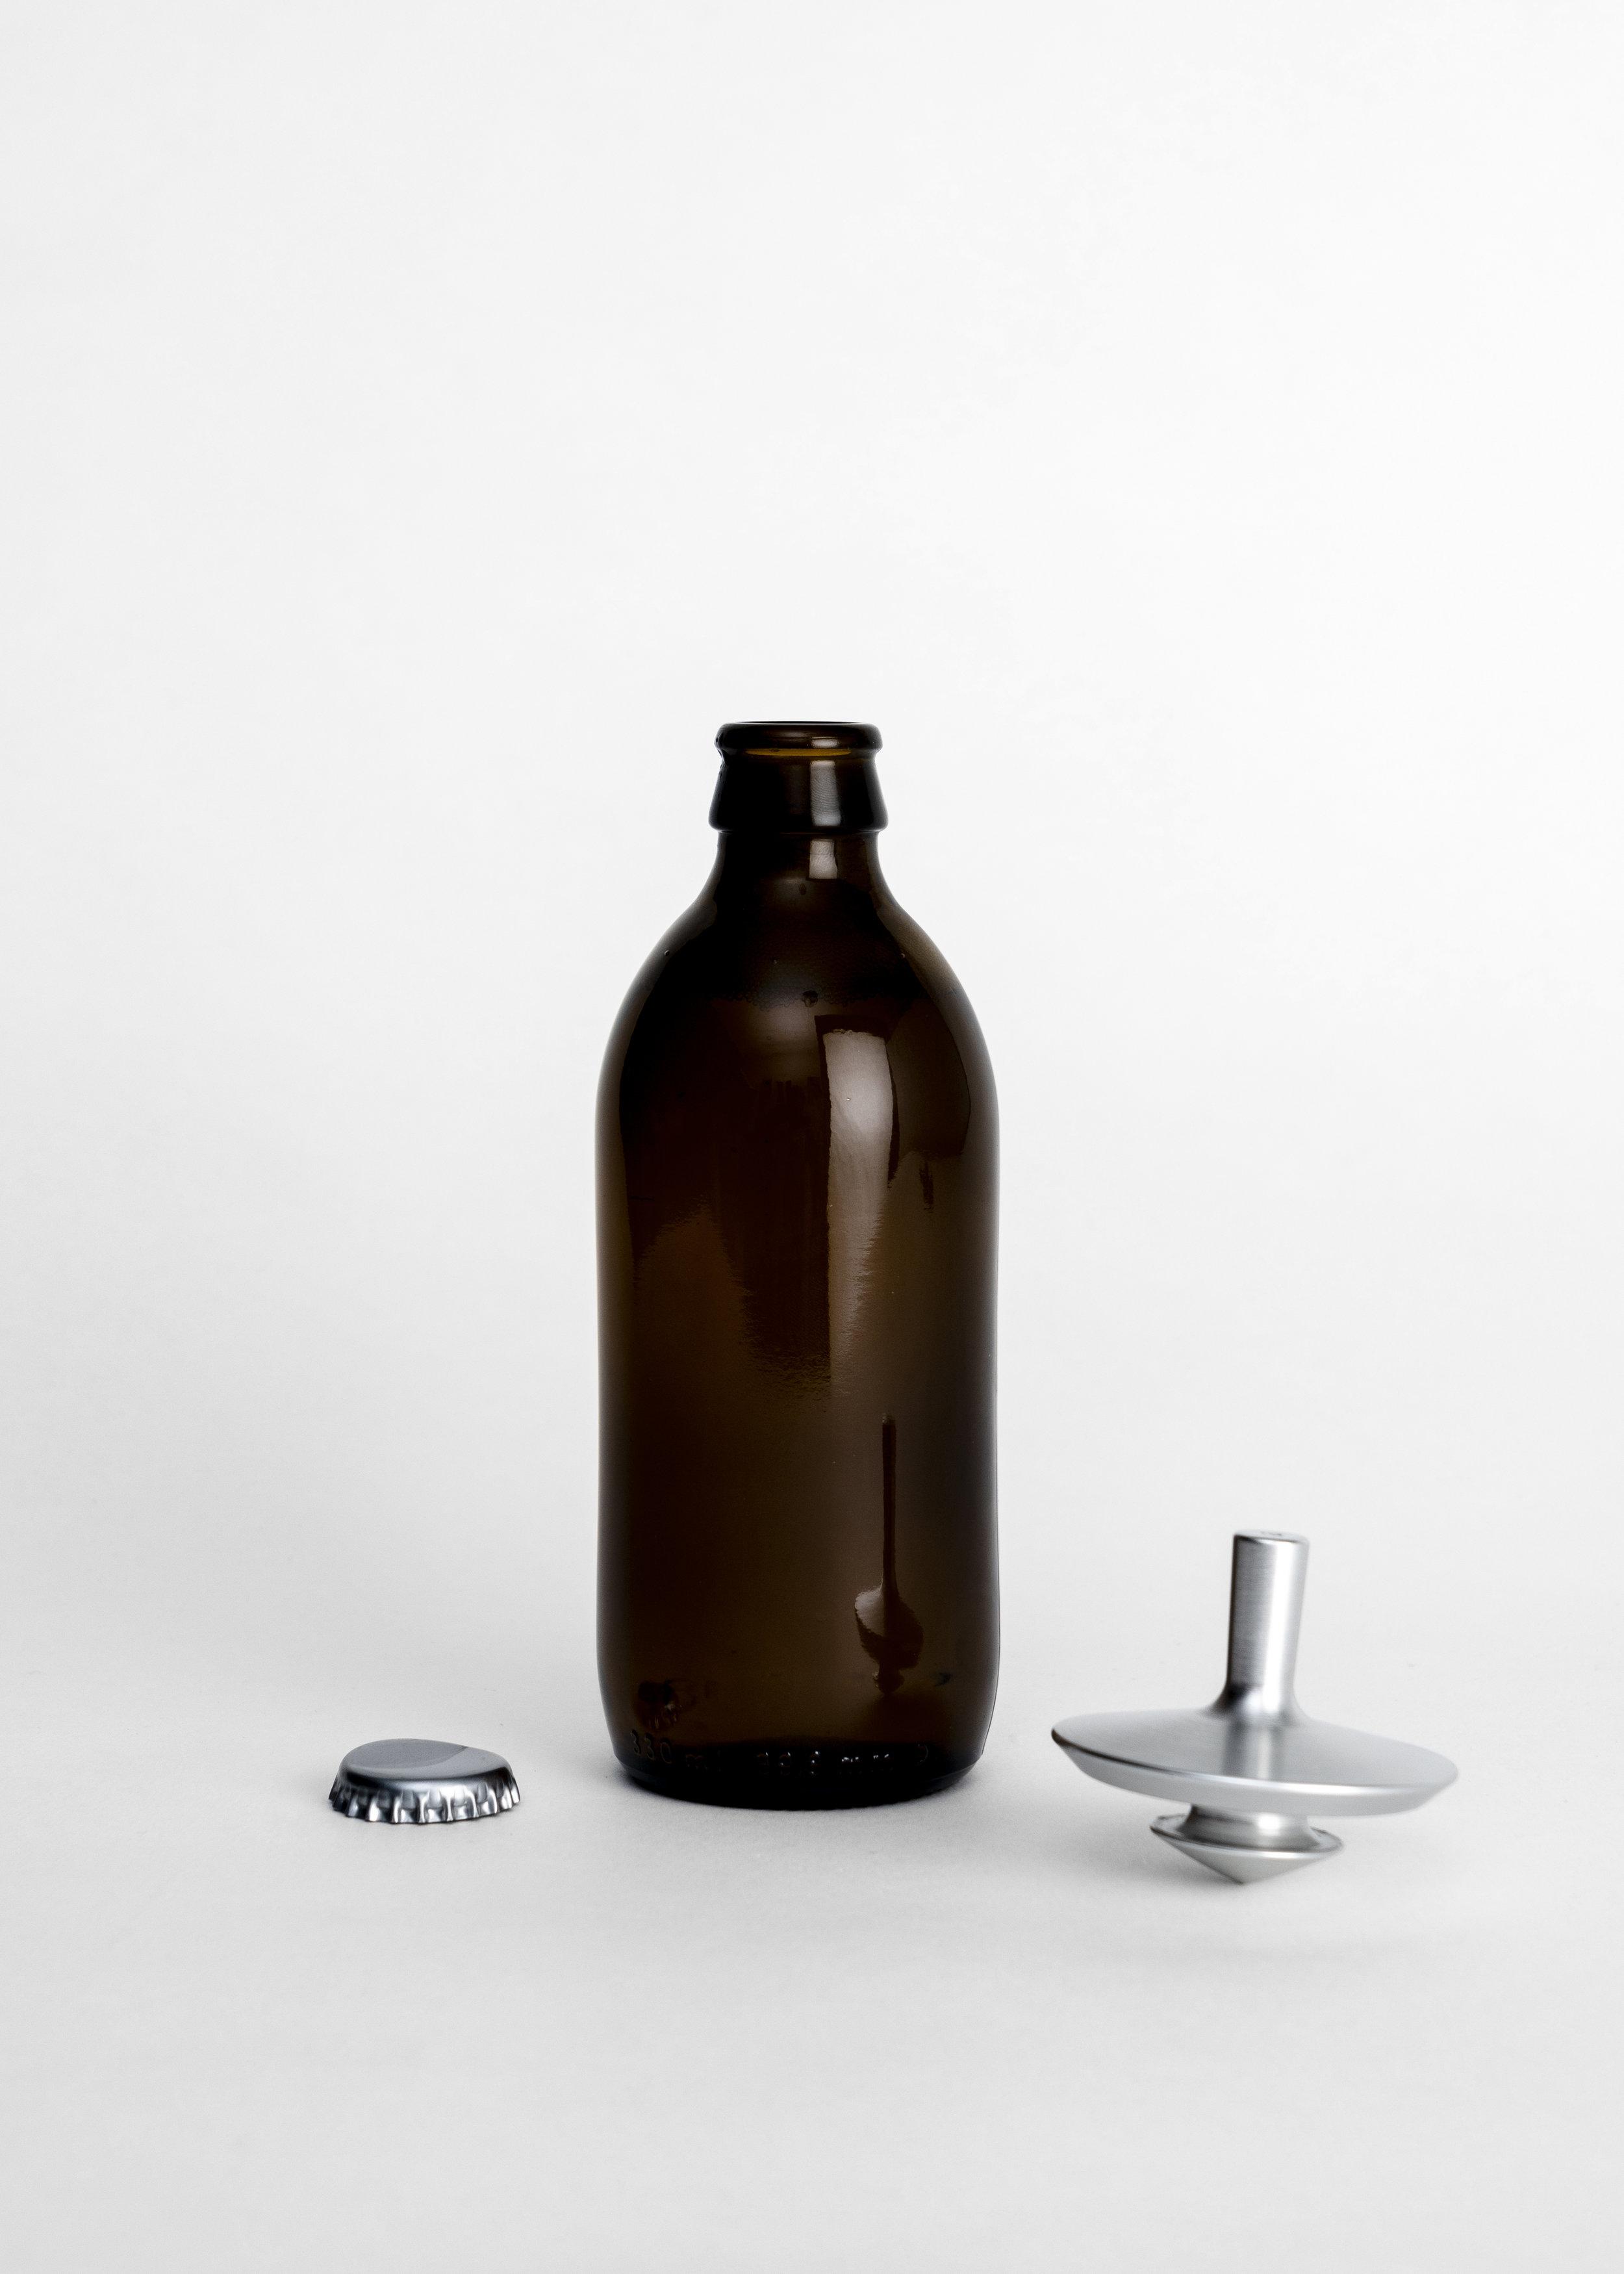 spin-bottle-opener-opened-nicholas-baker